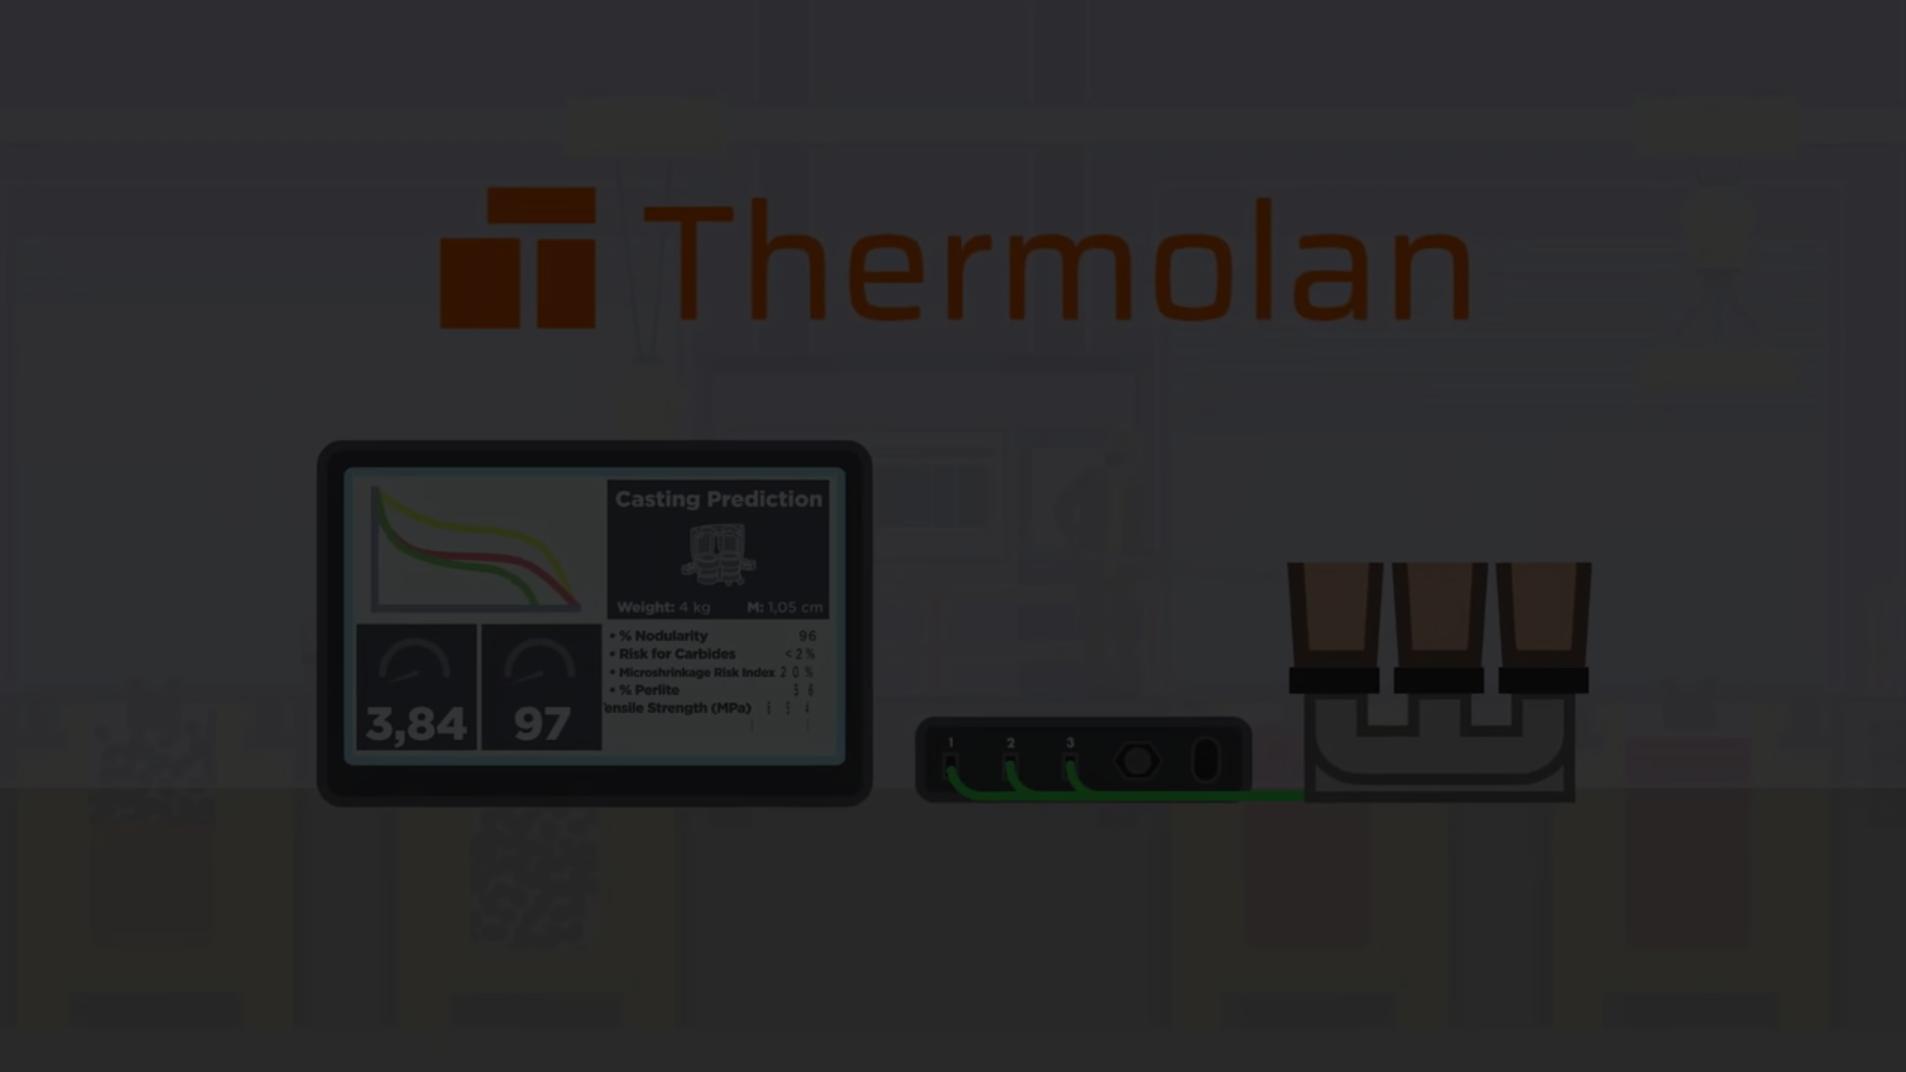 Imagen representativa del sistema Thermolan en el vídeo explicativo